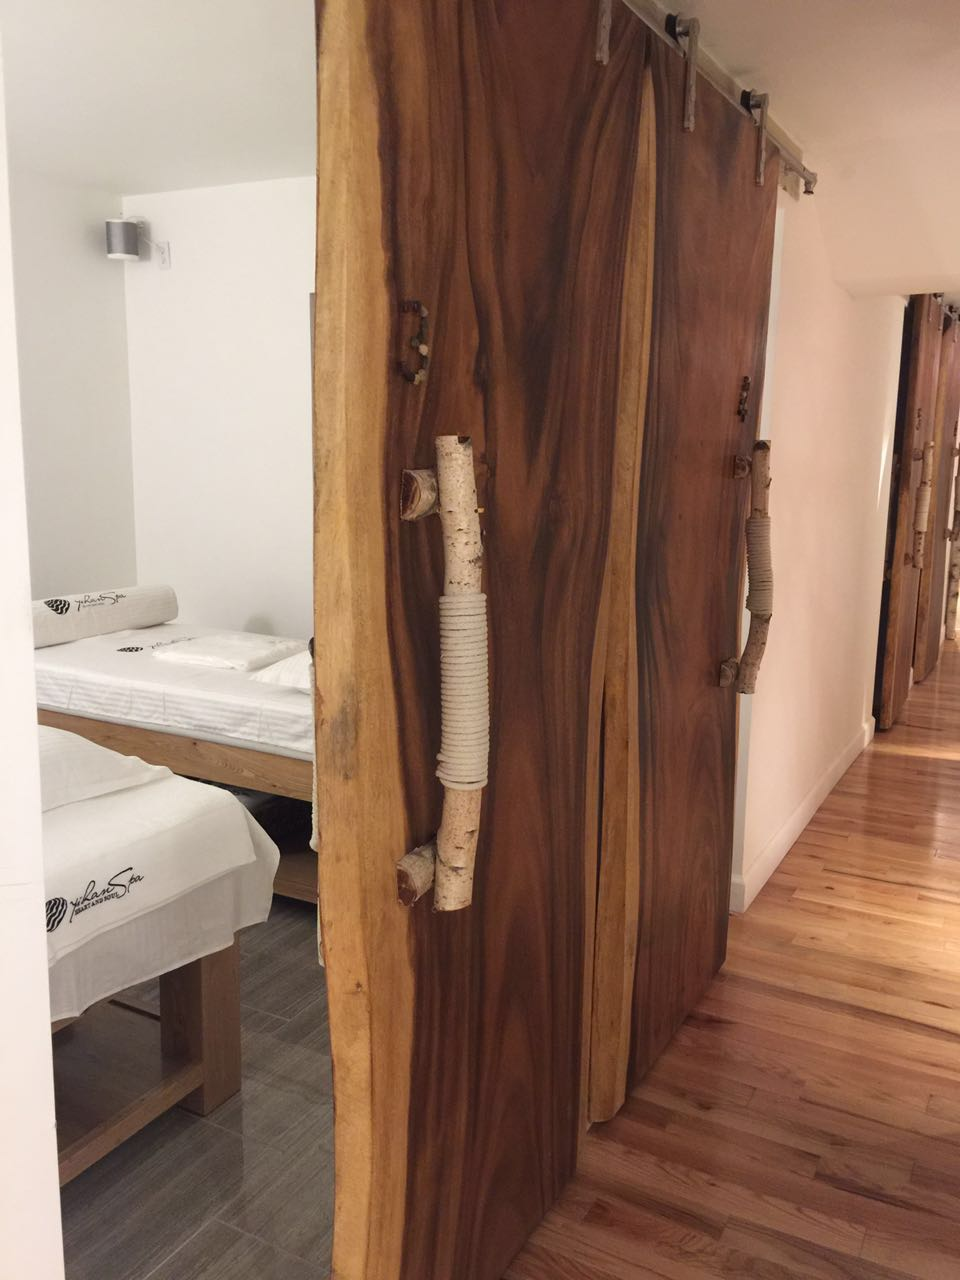 Couple's Room